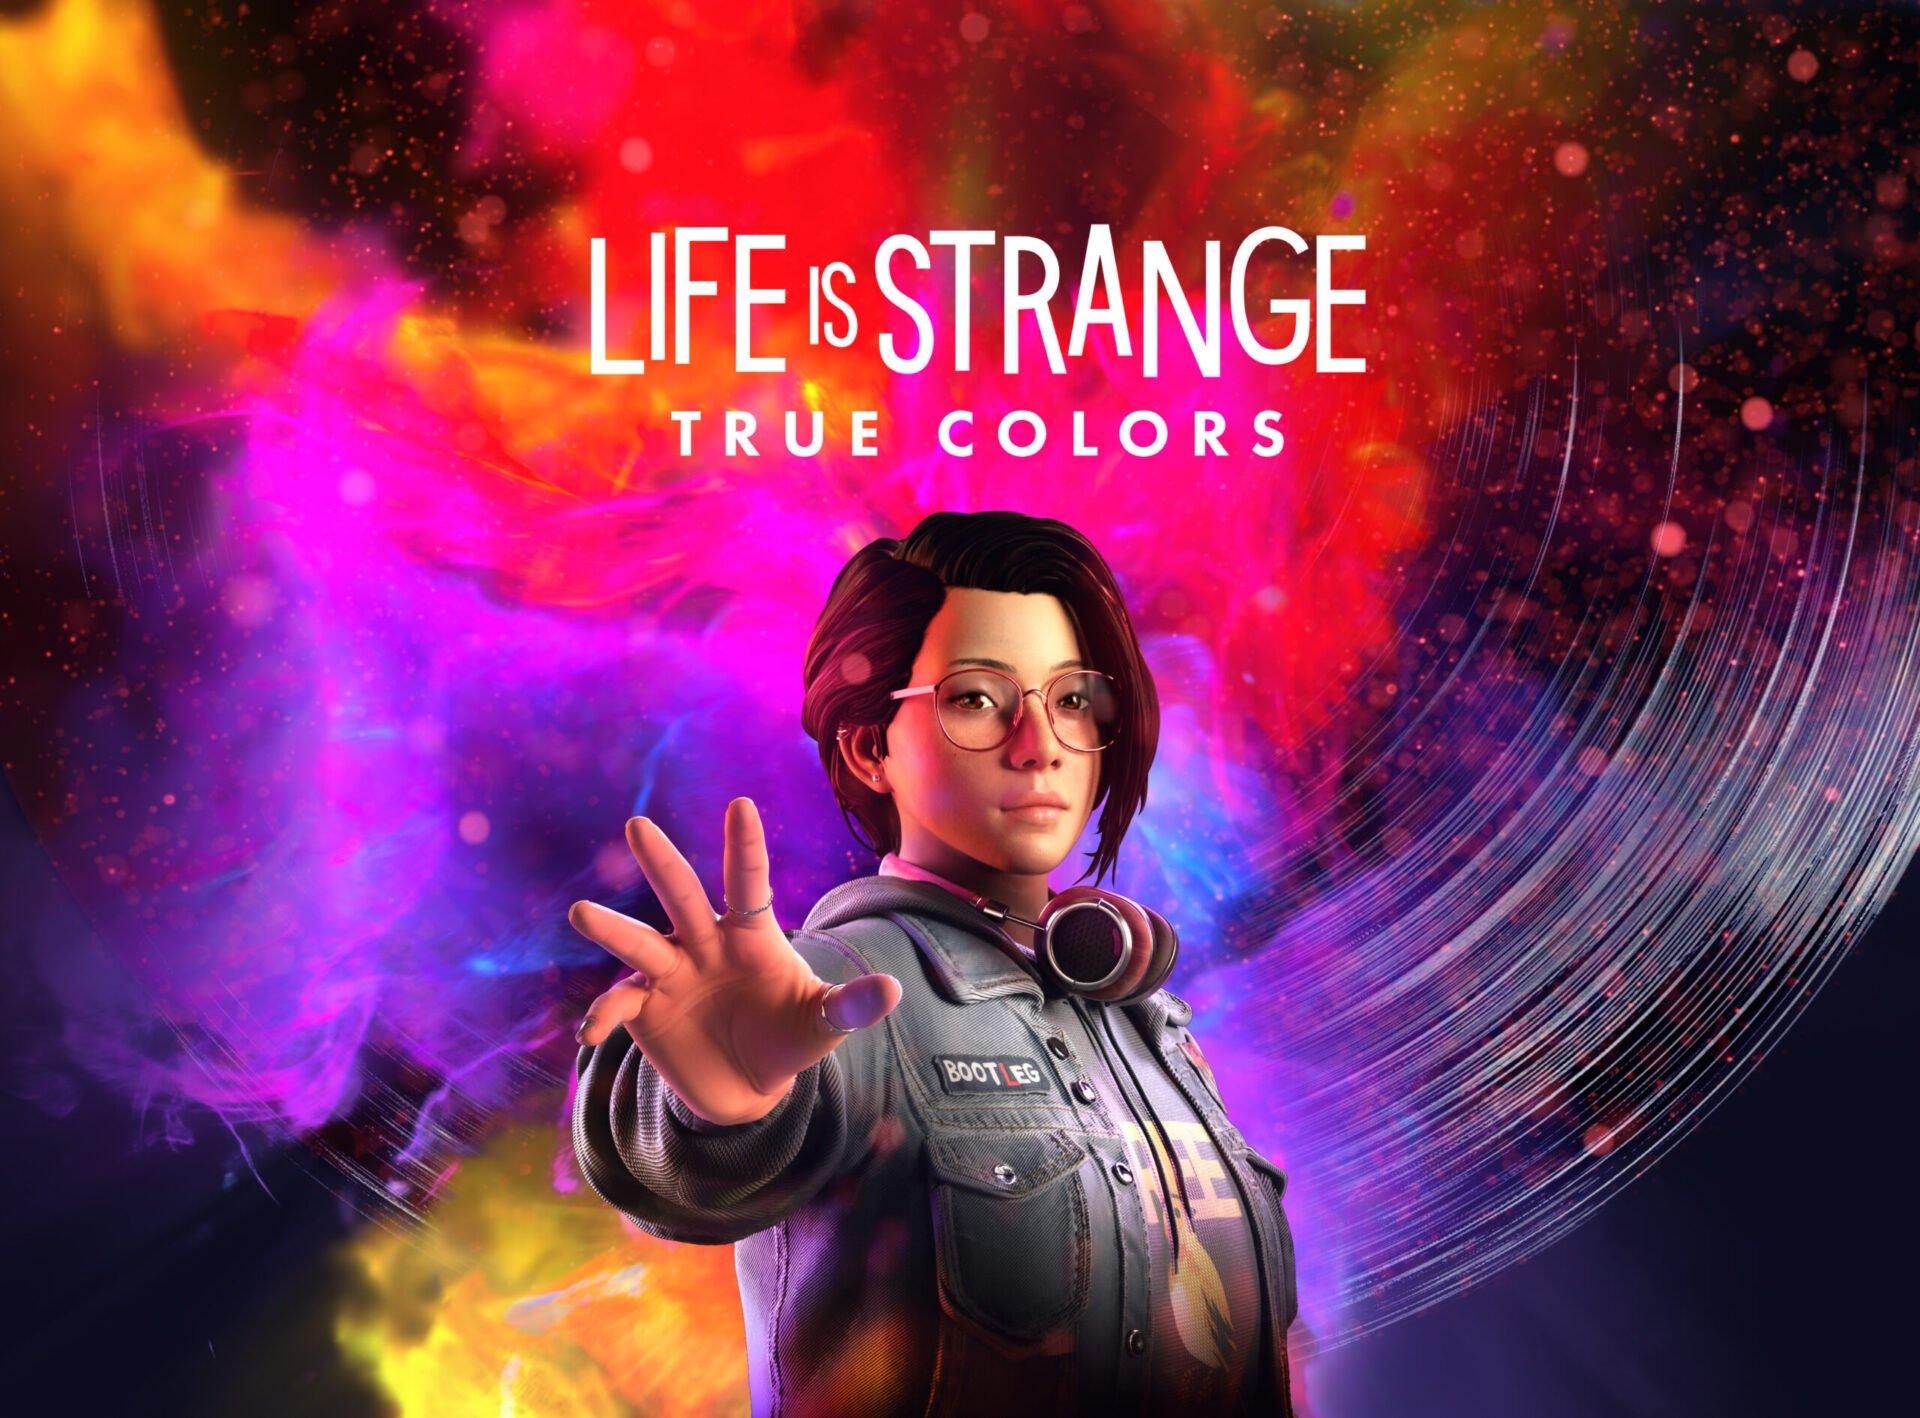 Jogos: Life is Strange: True Colors é anunciado para consoles e PC